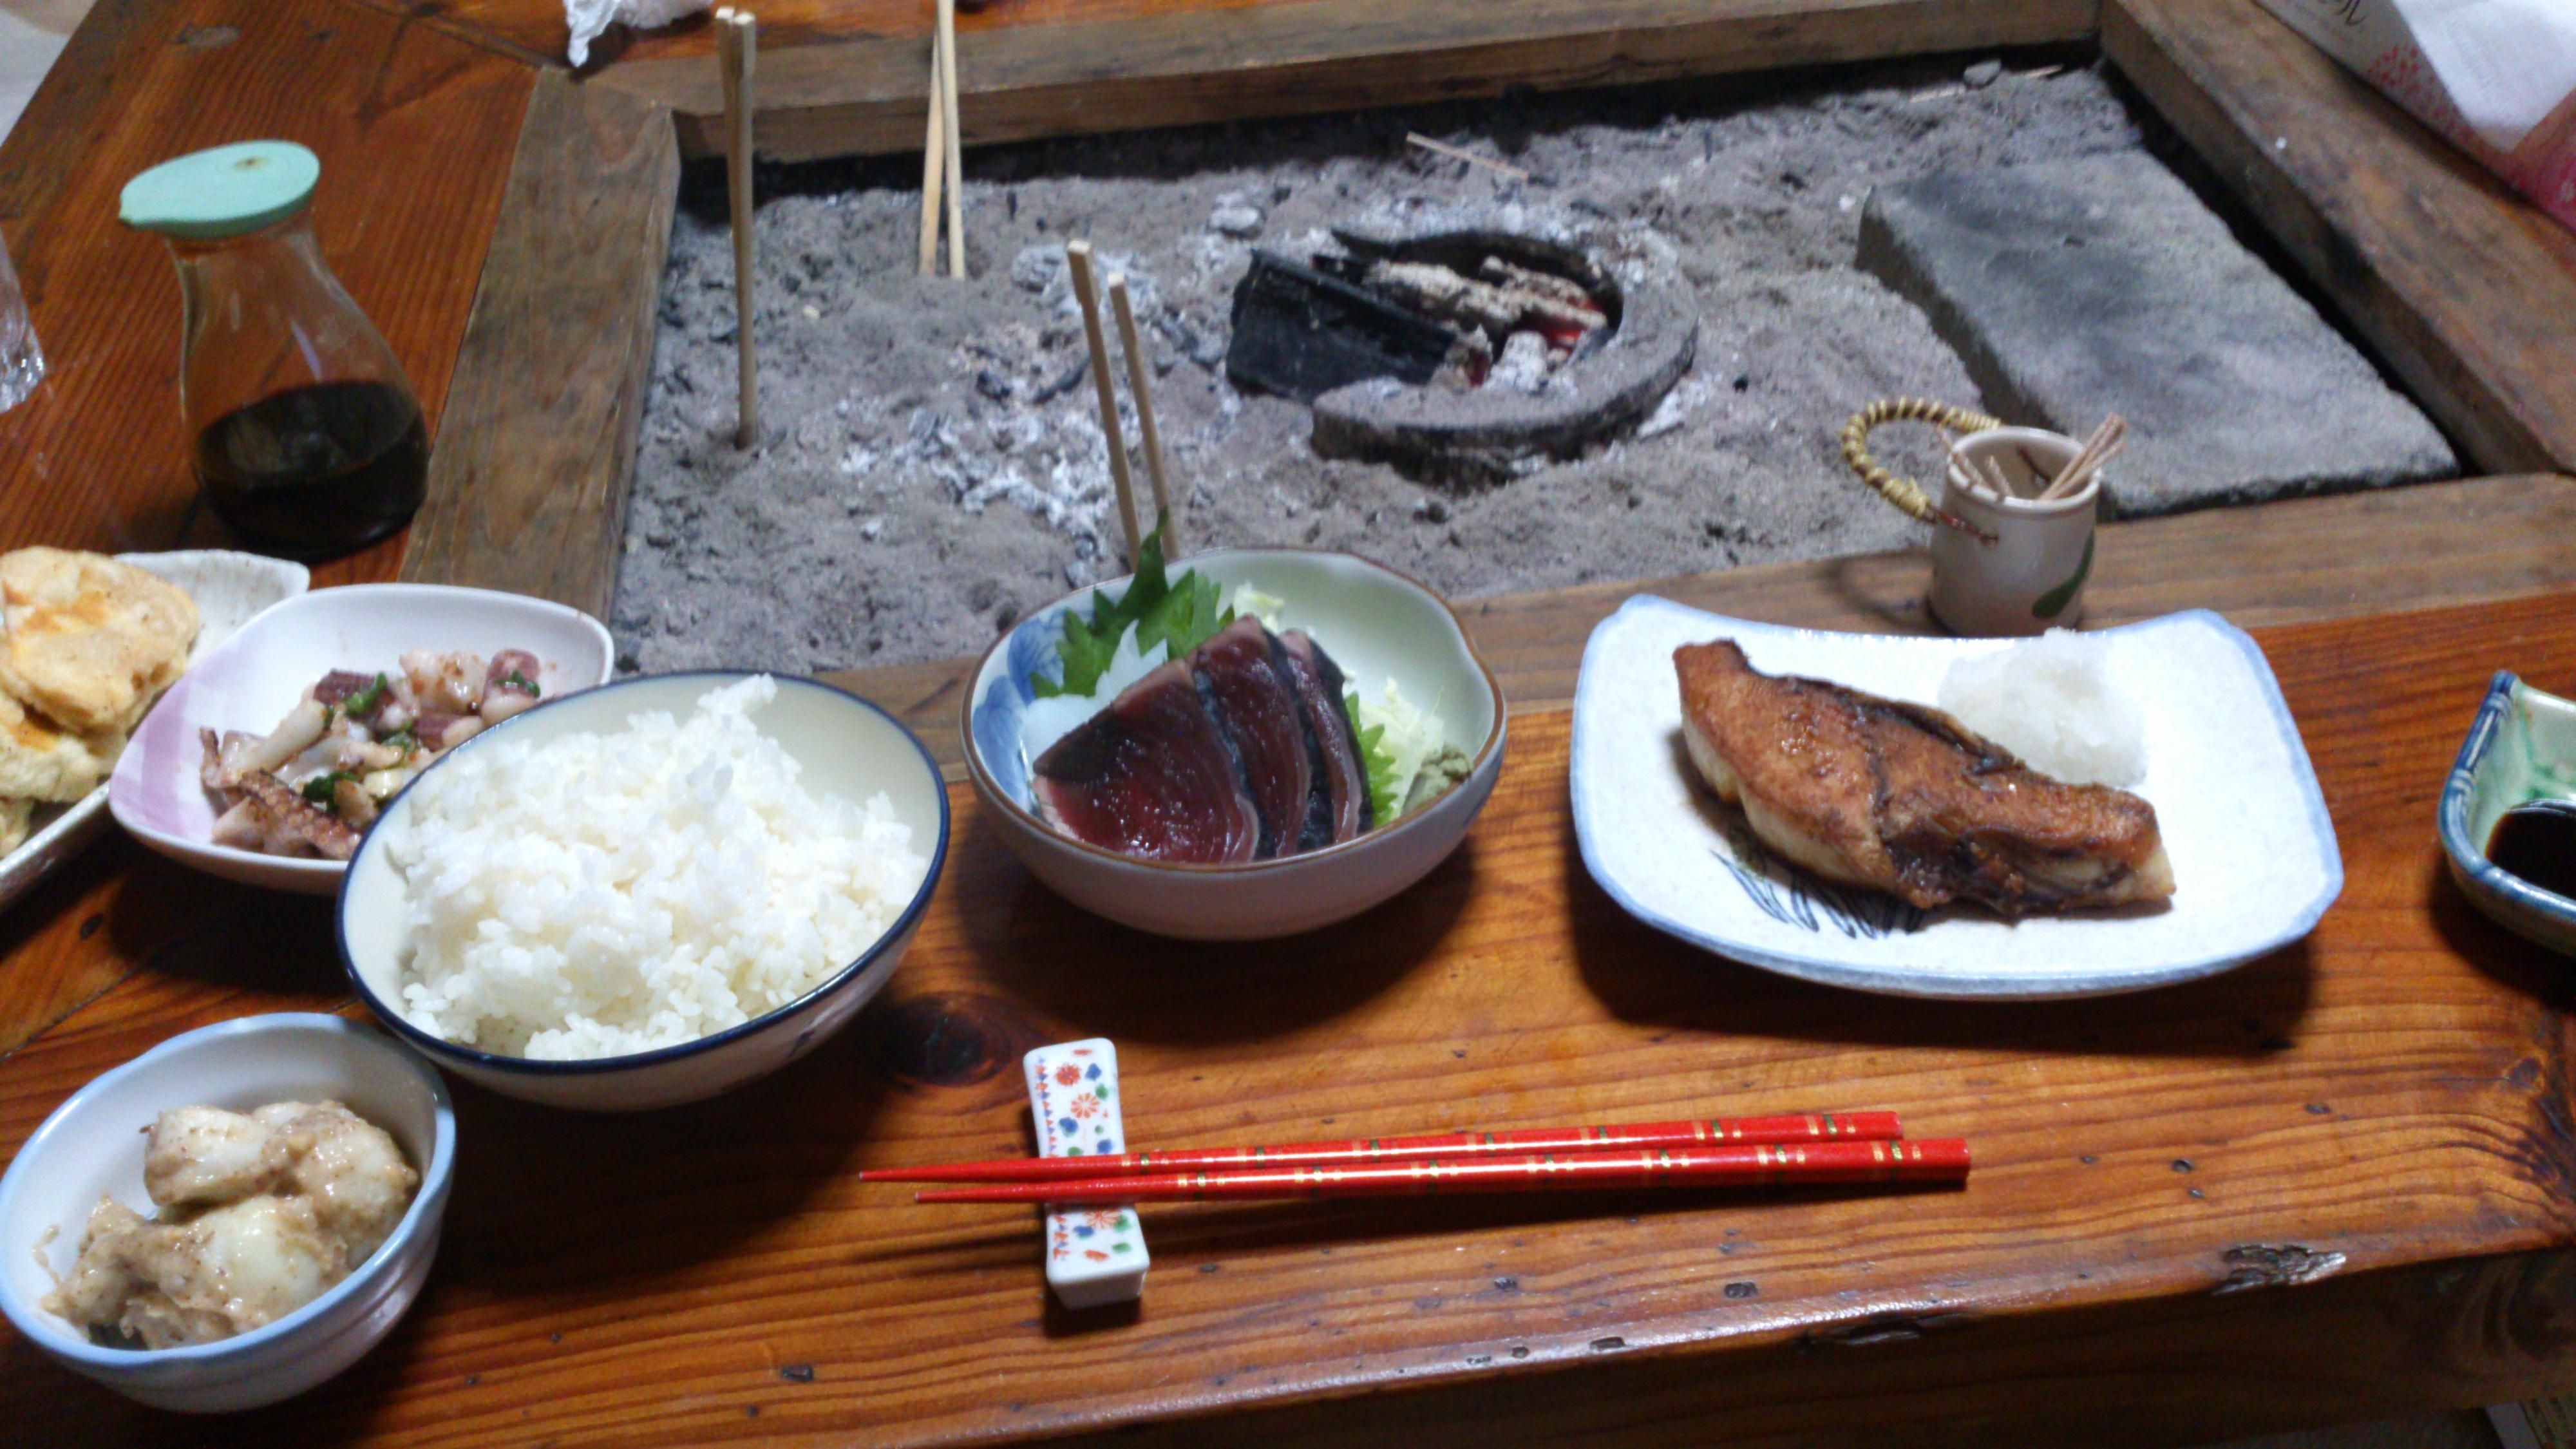 2012年12月。僕は種子島を一人で旅した:種子島の民宿「白南風(しらはえ)」で何泊か目で登場した夕食。魚が凄くおいしかった。